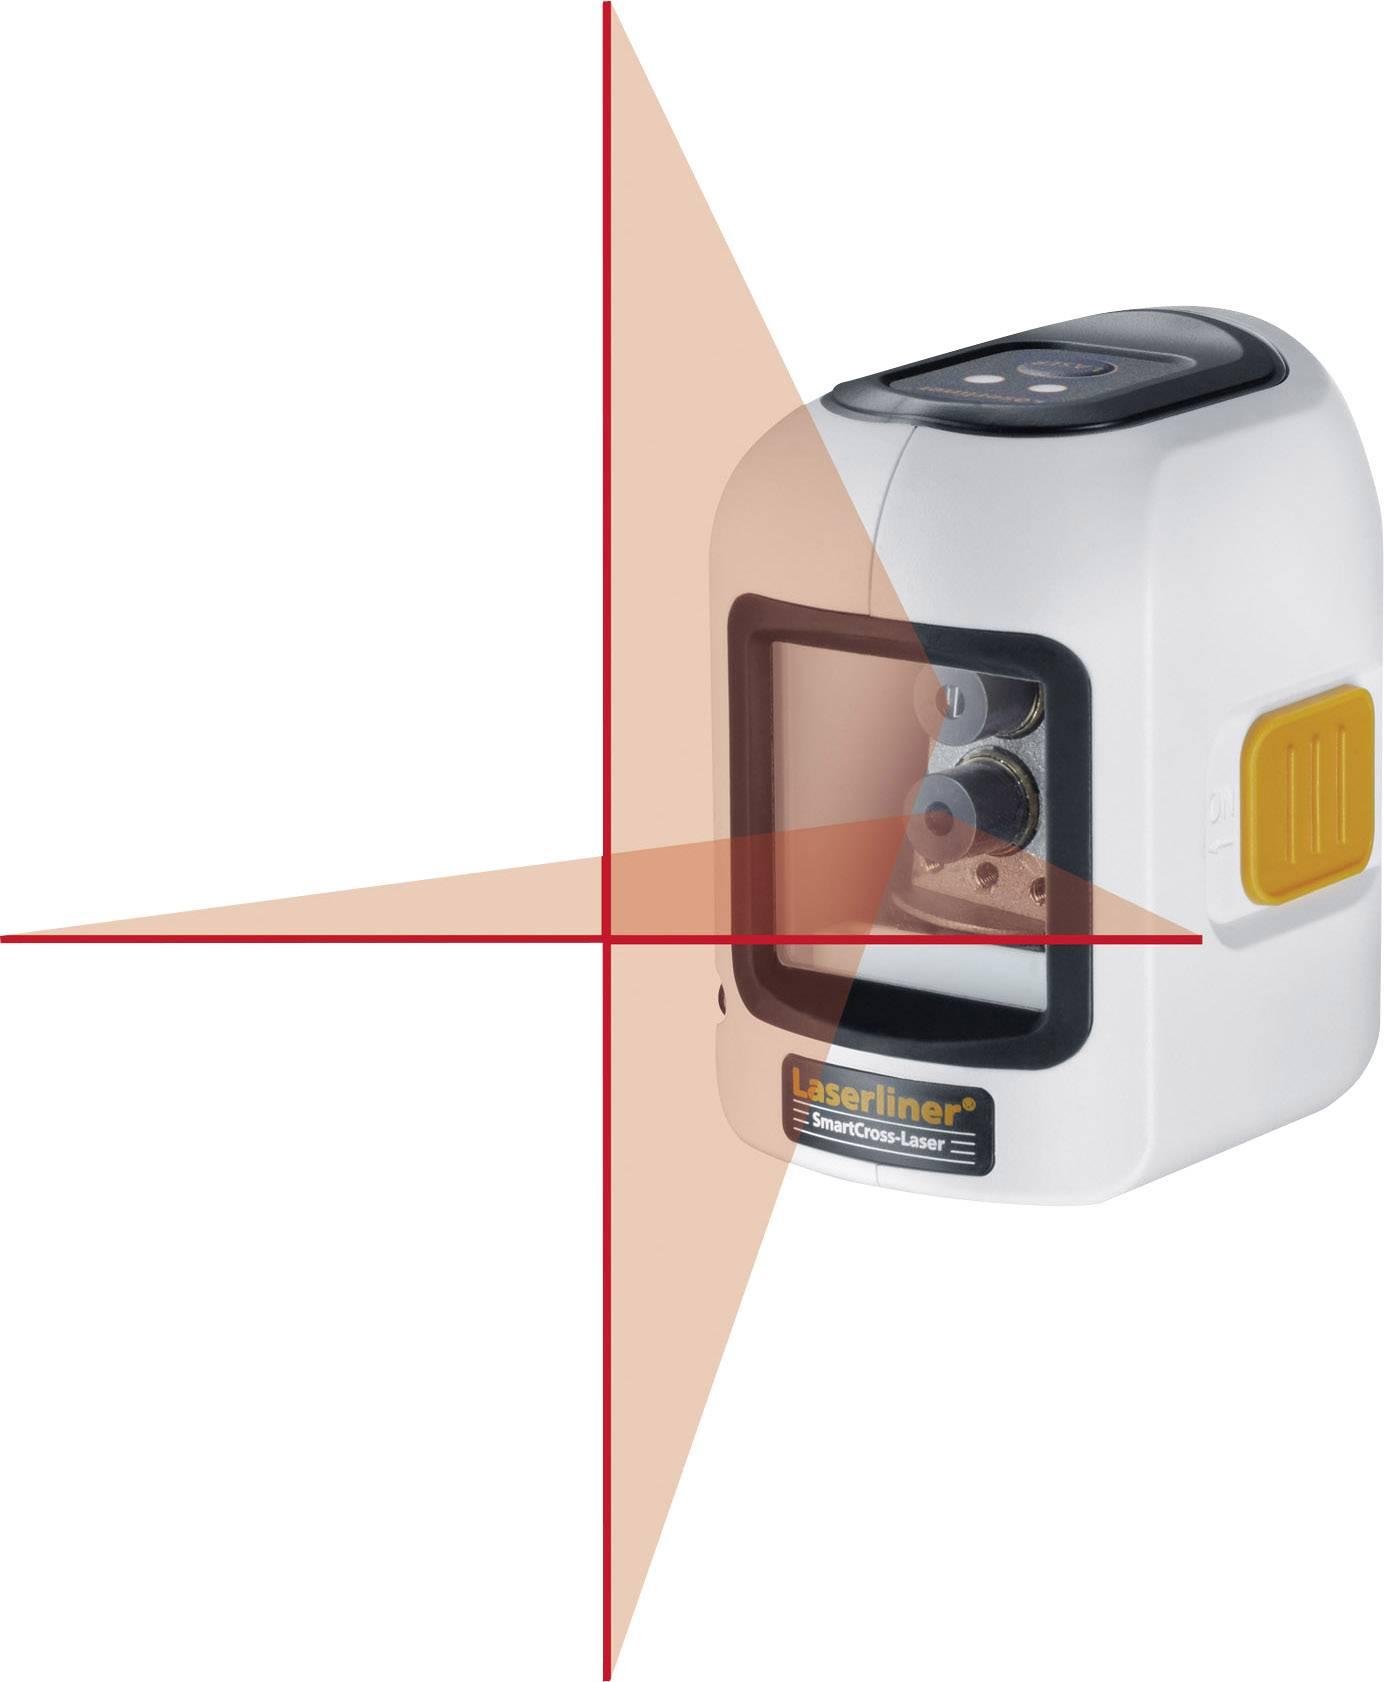 Krížový laser Smart-Laser Laserliner